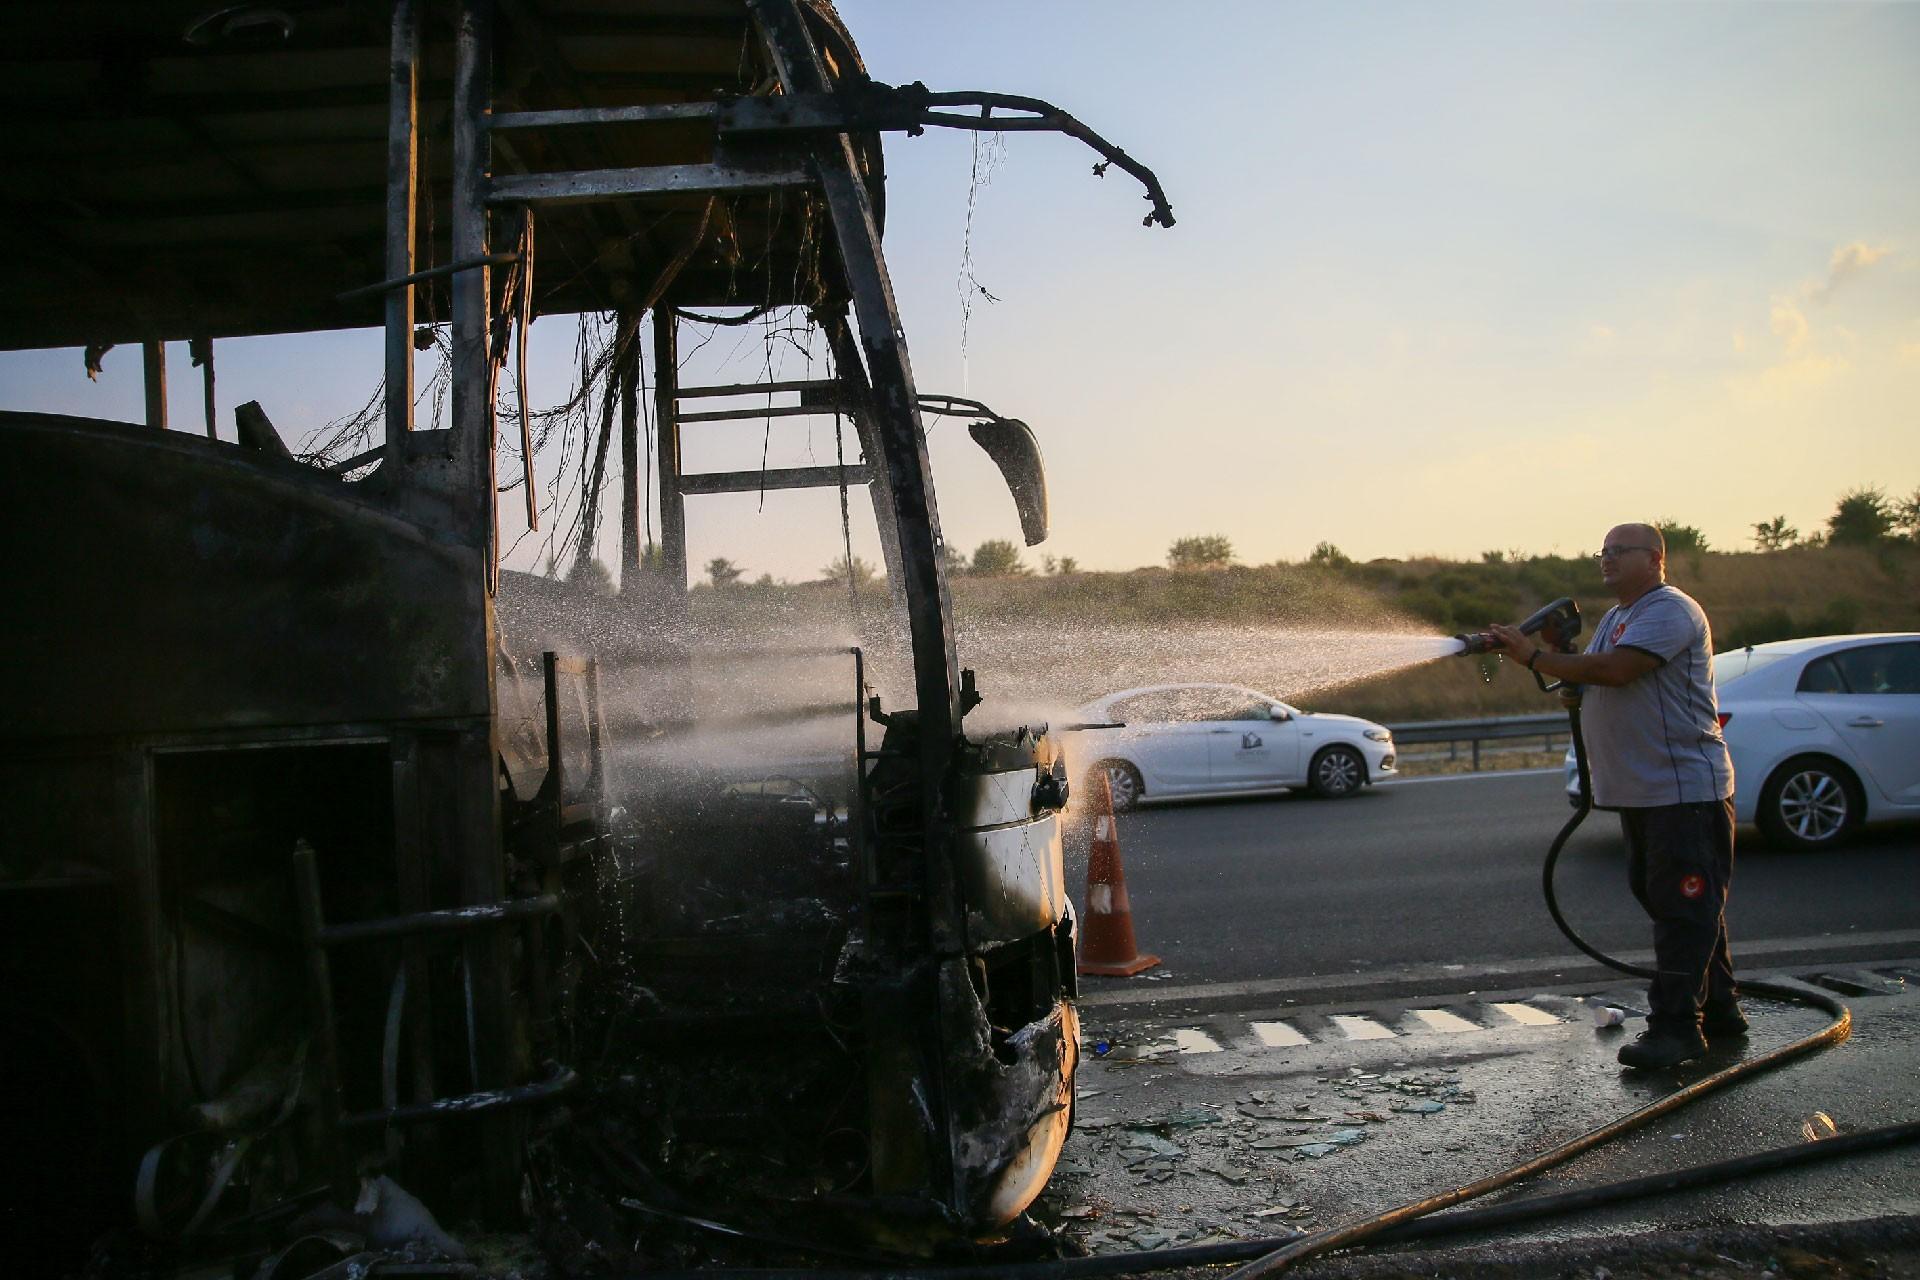 İzmir'de seyir halindeki yolcu otobüsü yandı